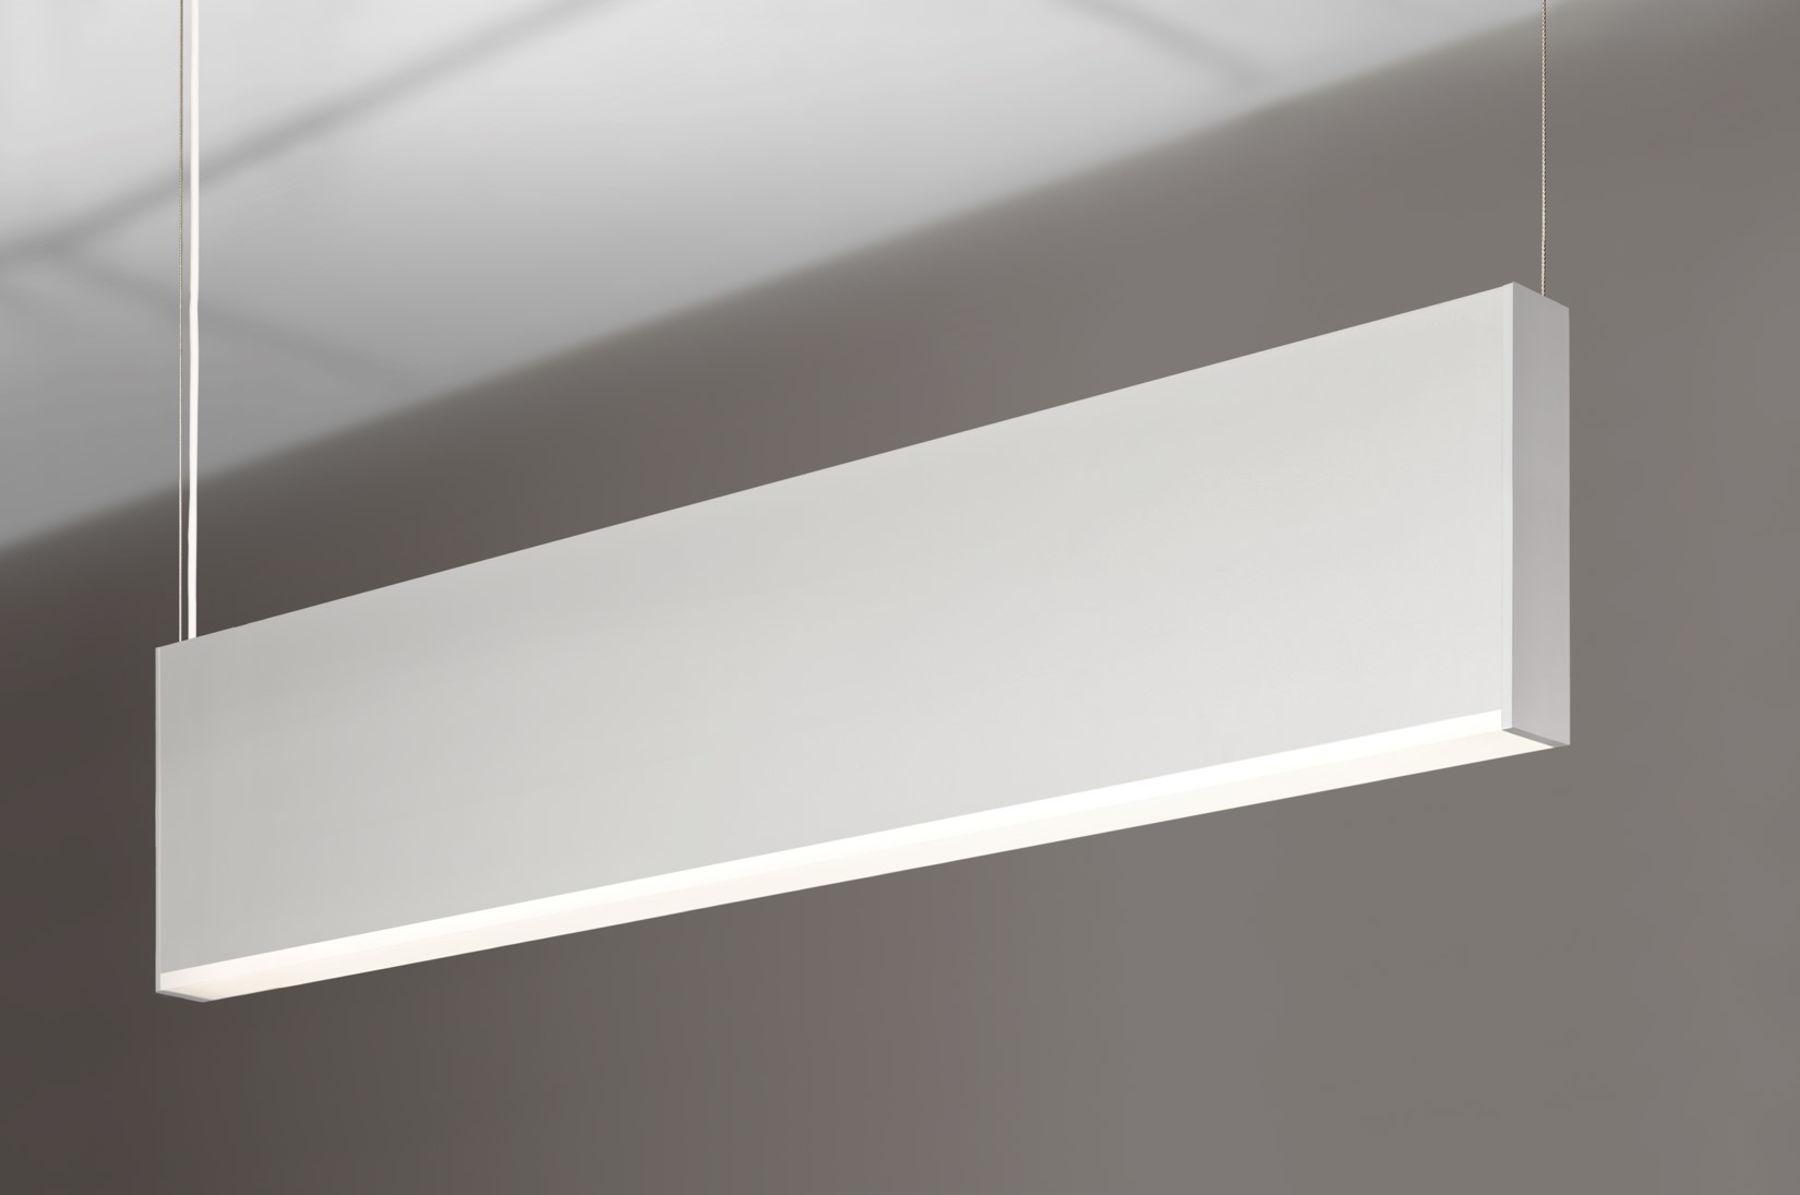 Picture of GX3D16D2-LED-LENS3D